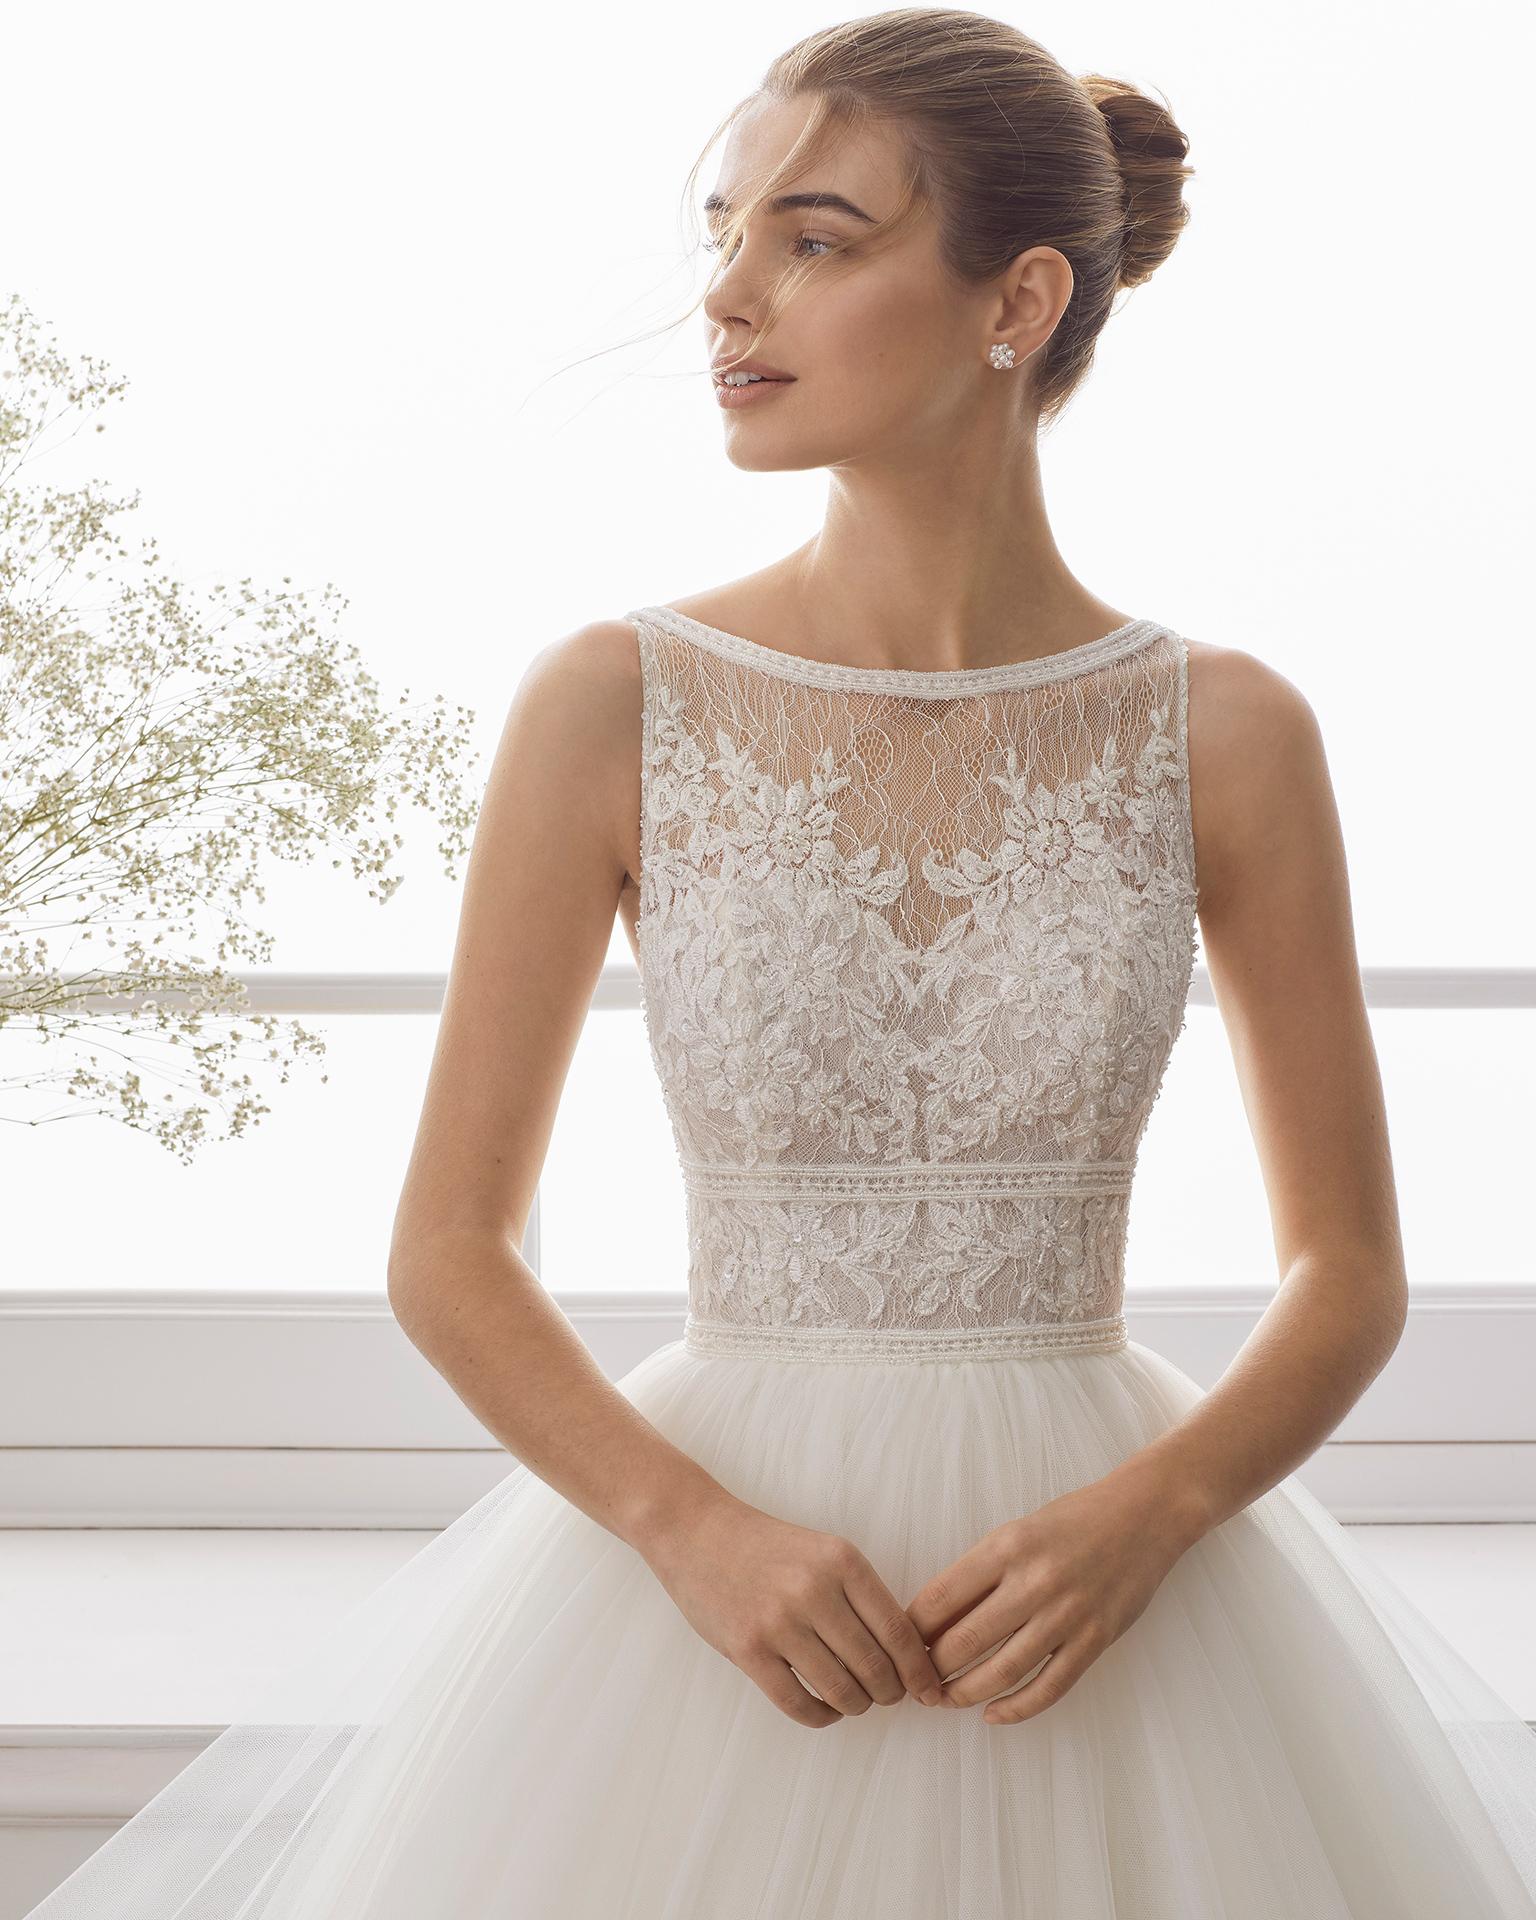 Vestido de noiva estilo princesa de renda de brilhantes e tule suave. Decote à barco e costas decotadas. Disponível em cor marfim. Coleção AIRE BARCELONA 2019.